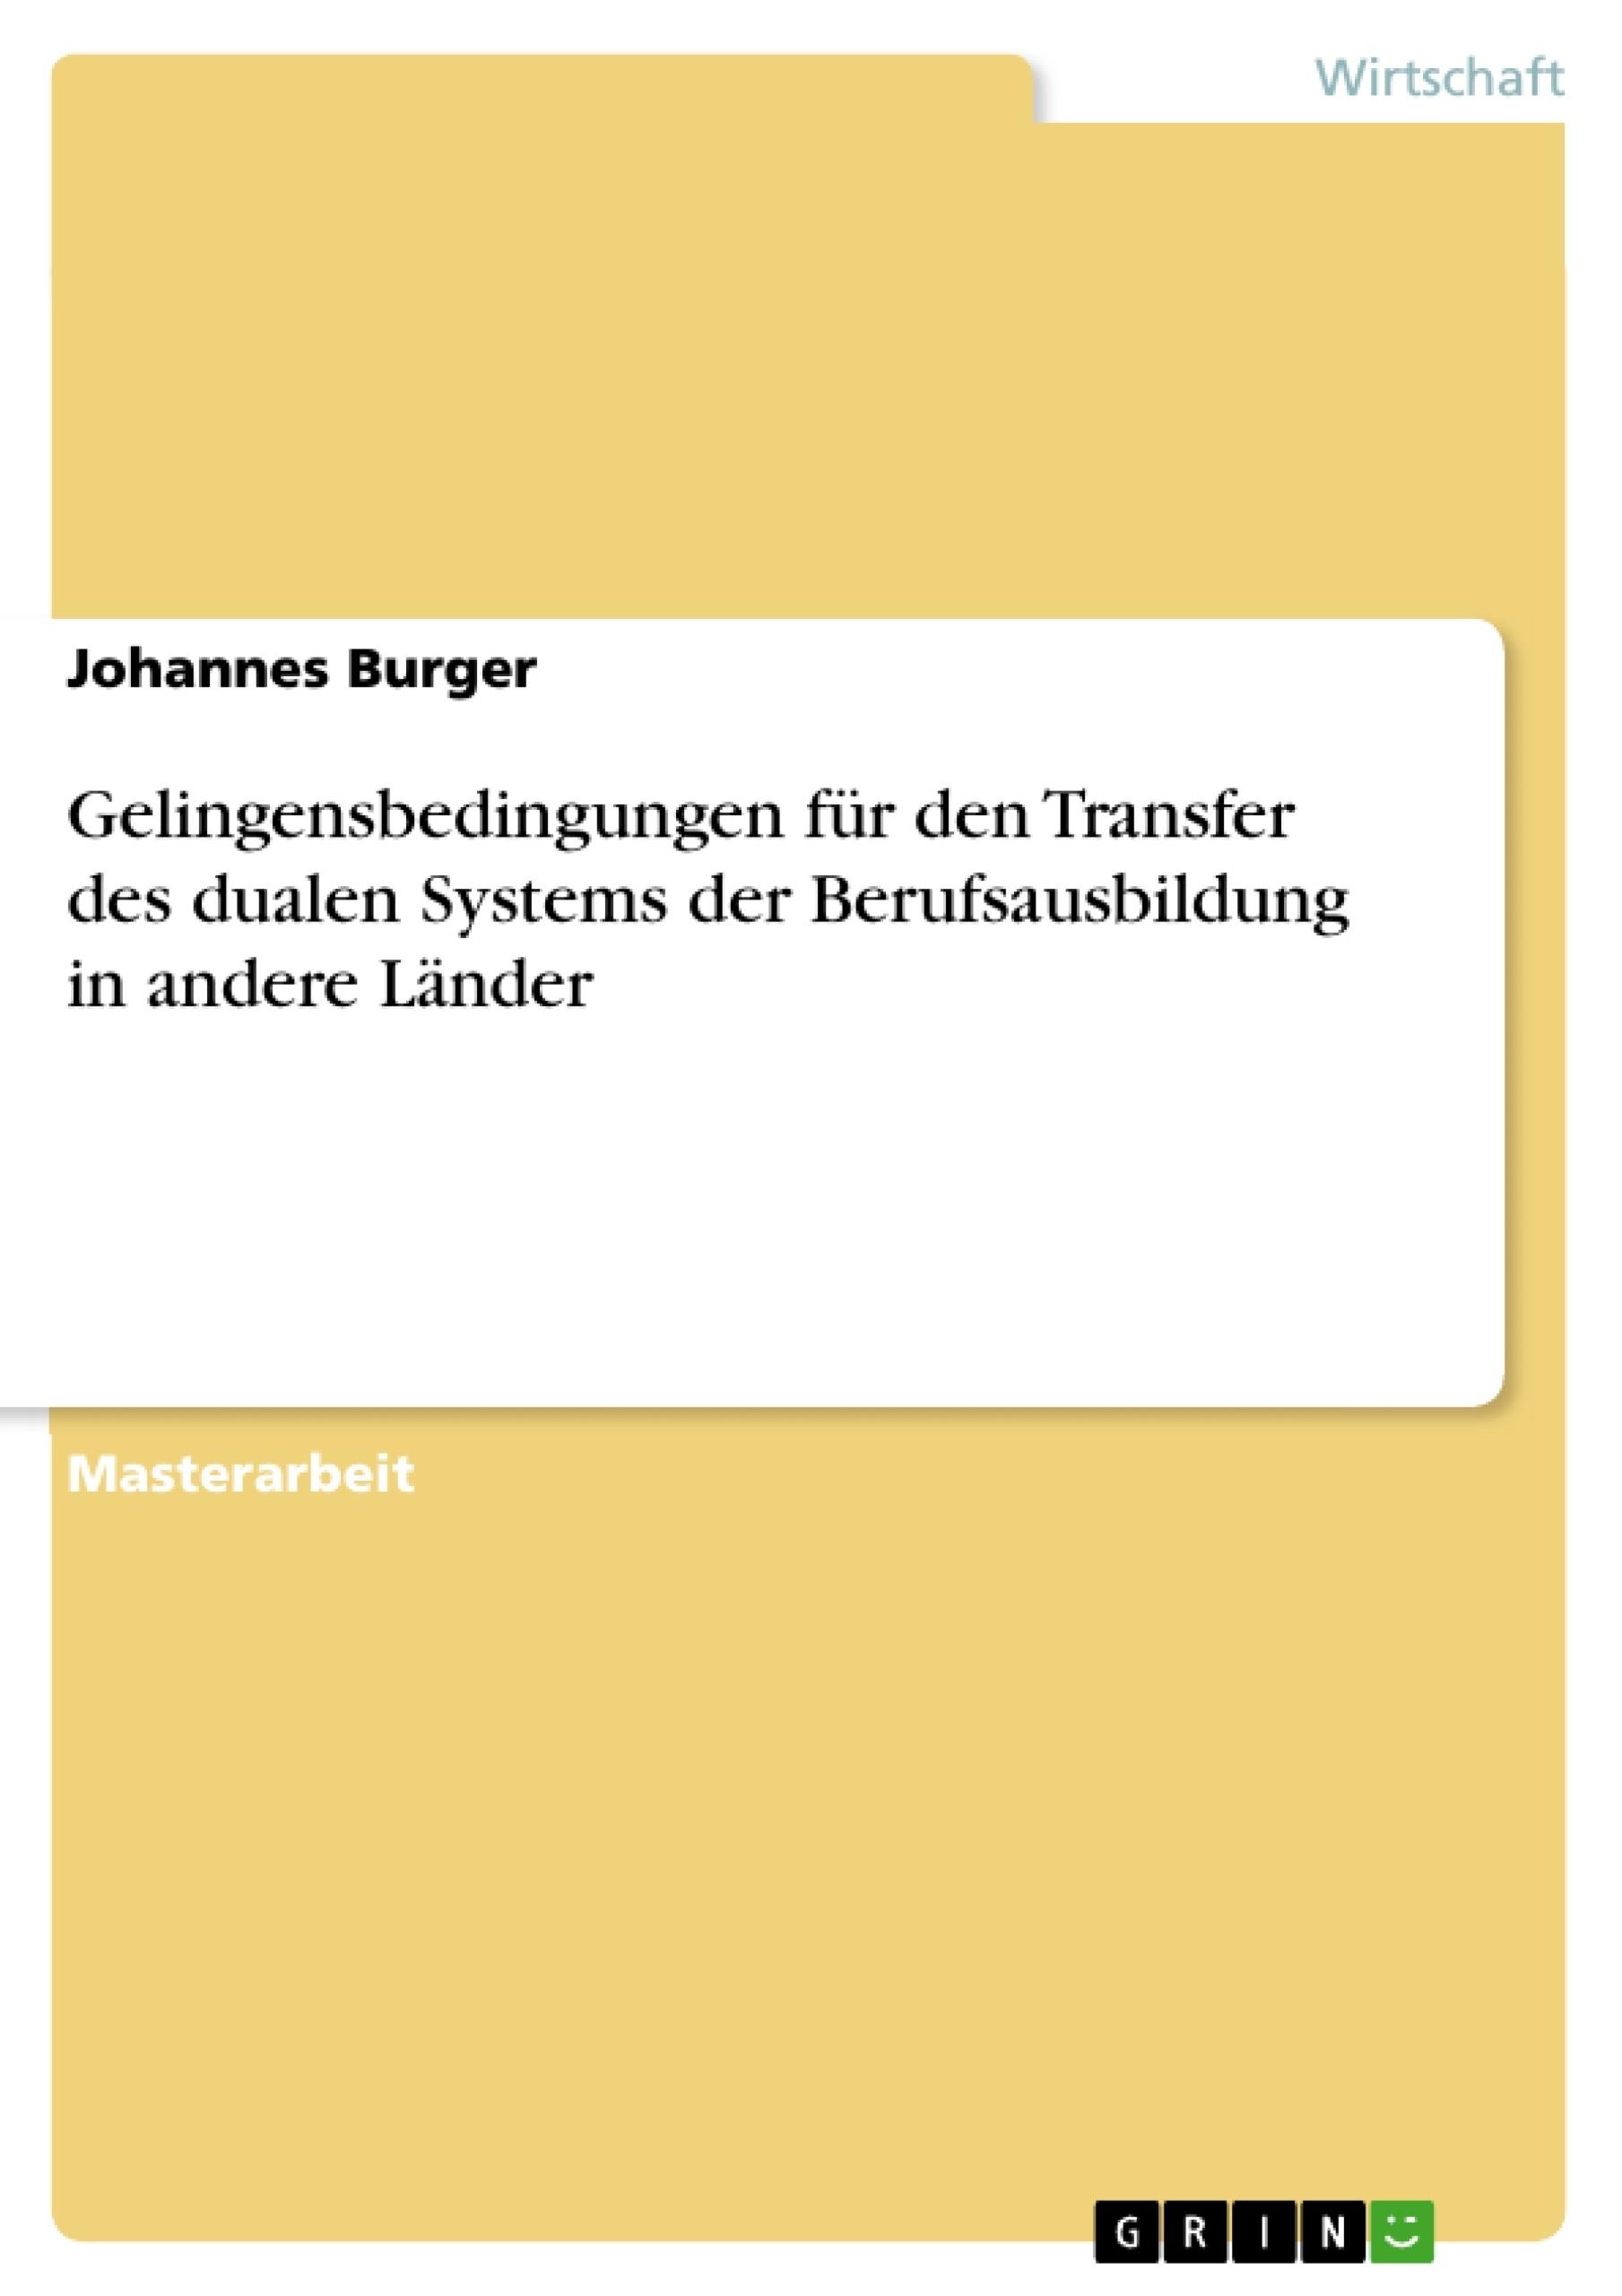 Titel: Gelingensbedingungen für den Transfer des dualen Systems der Berufsausbildung in andere Länder